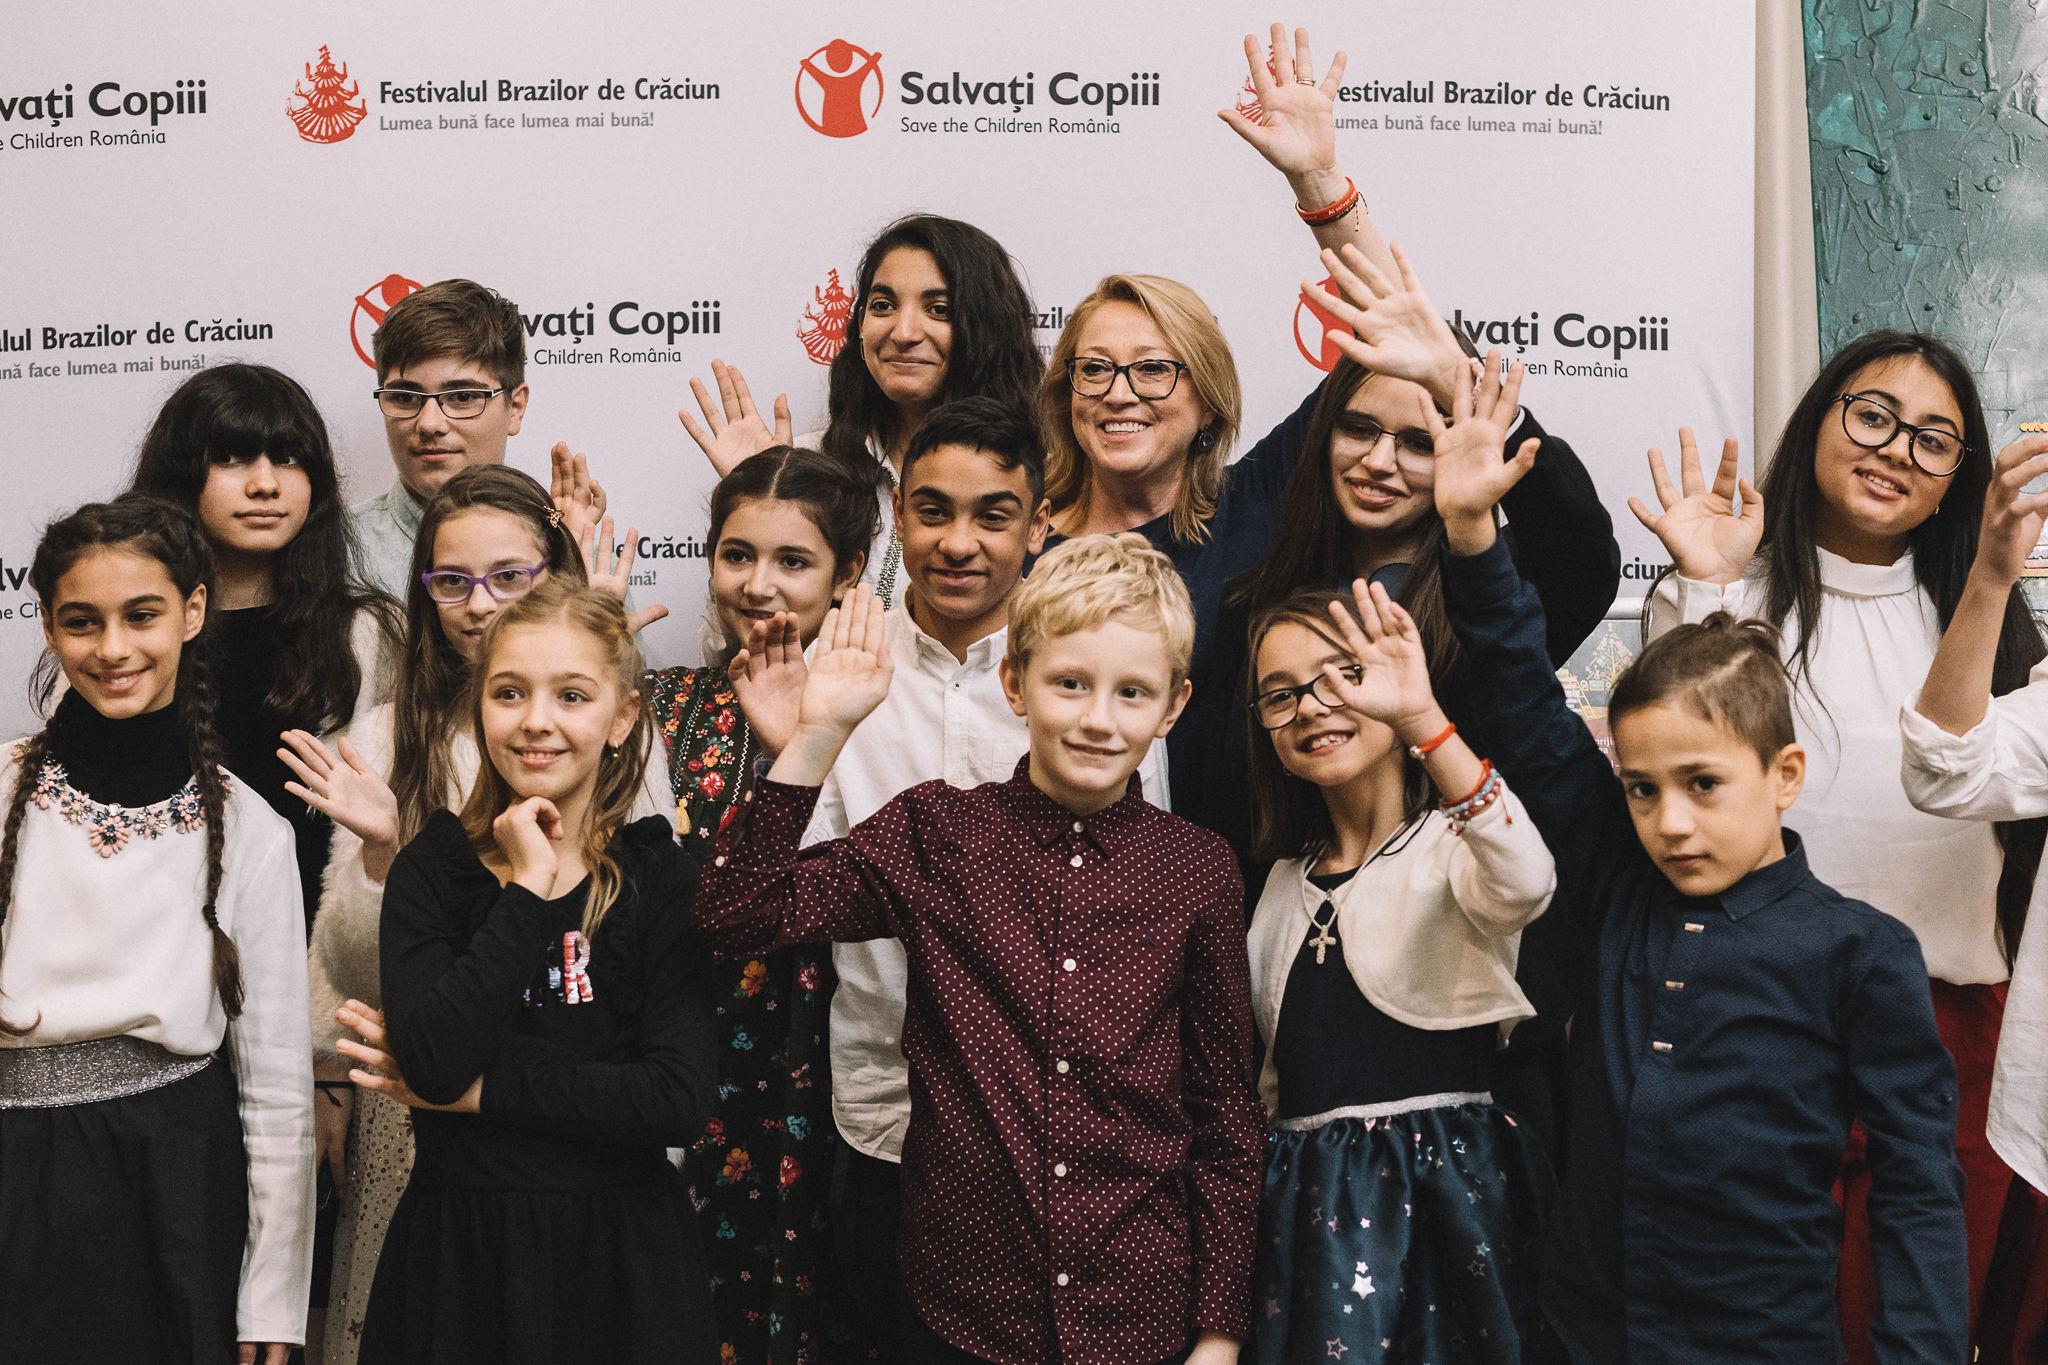 """Festivalul Brazilor de Crăciun 2019: Catena, alături de """"Salvați Copiii"""" în lupta împotriva abandonului şcolar"""